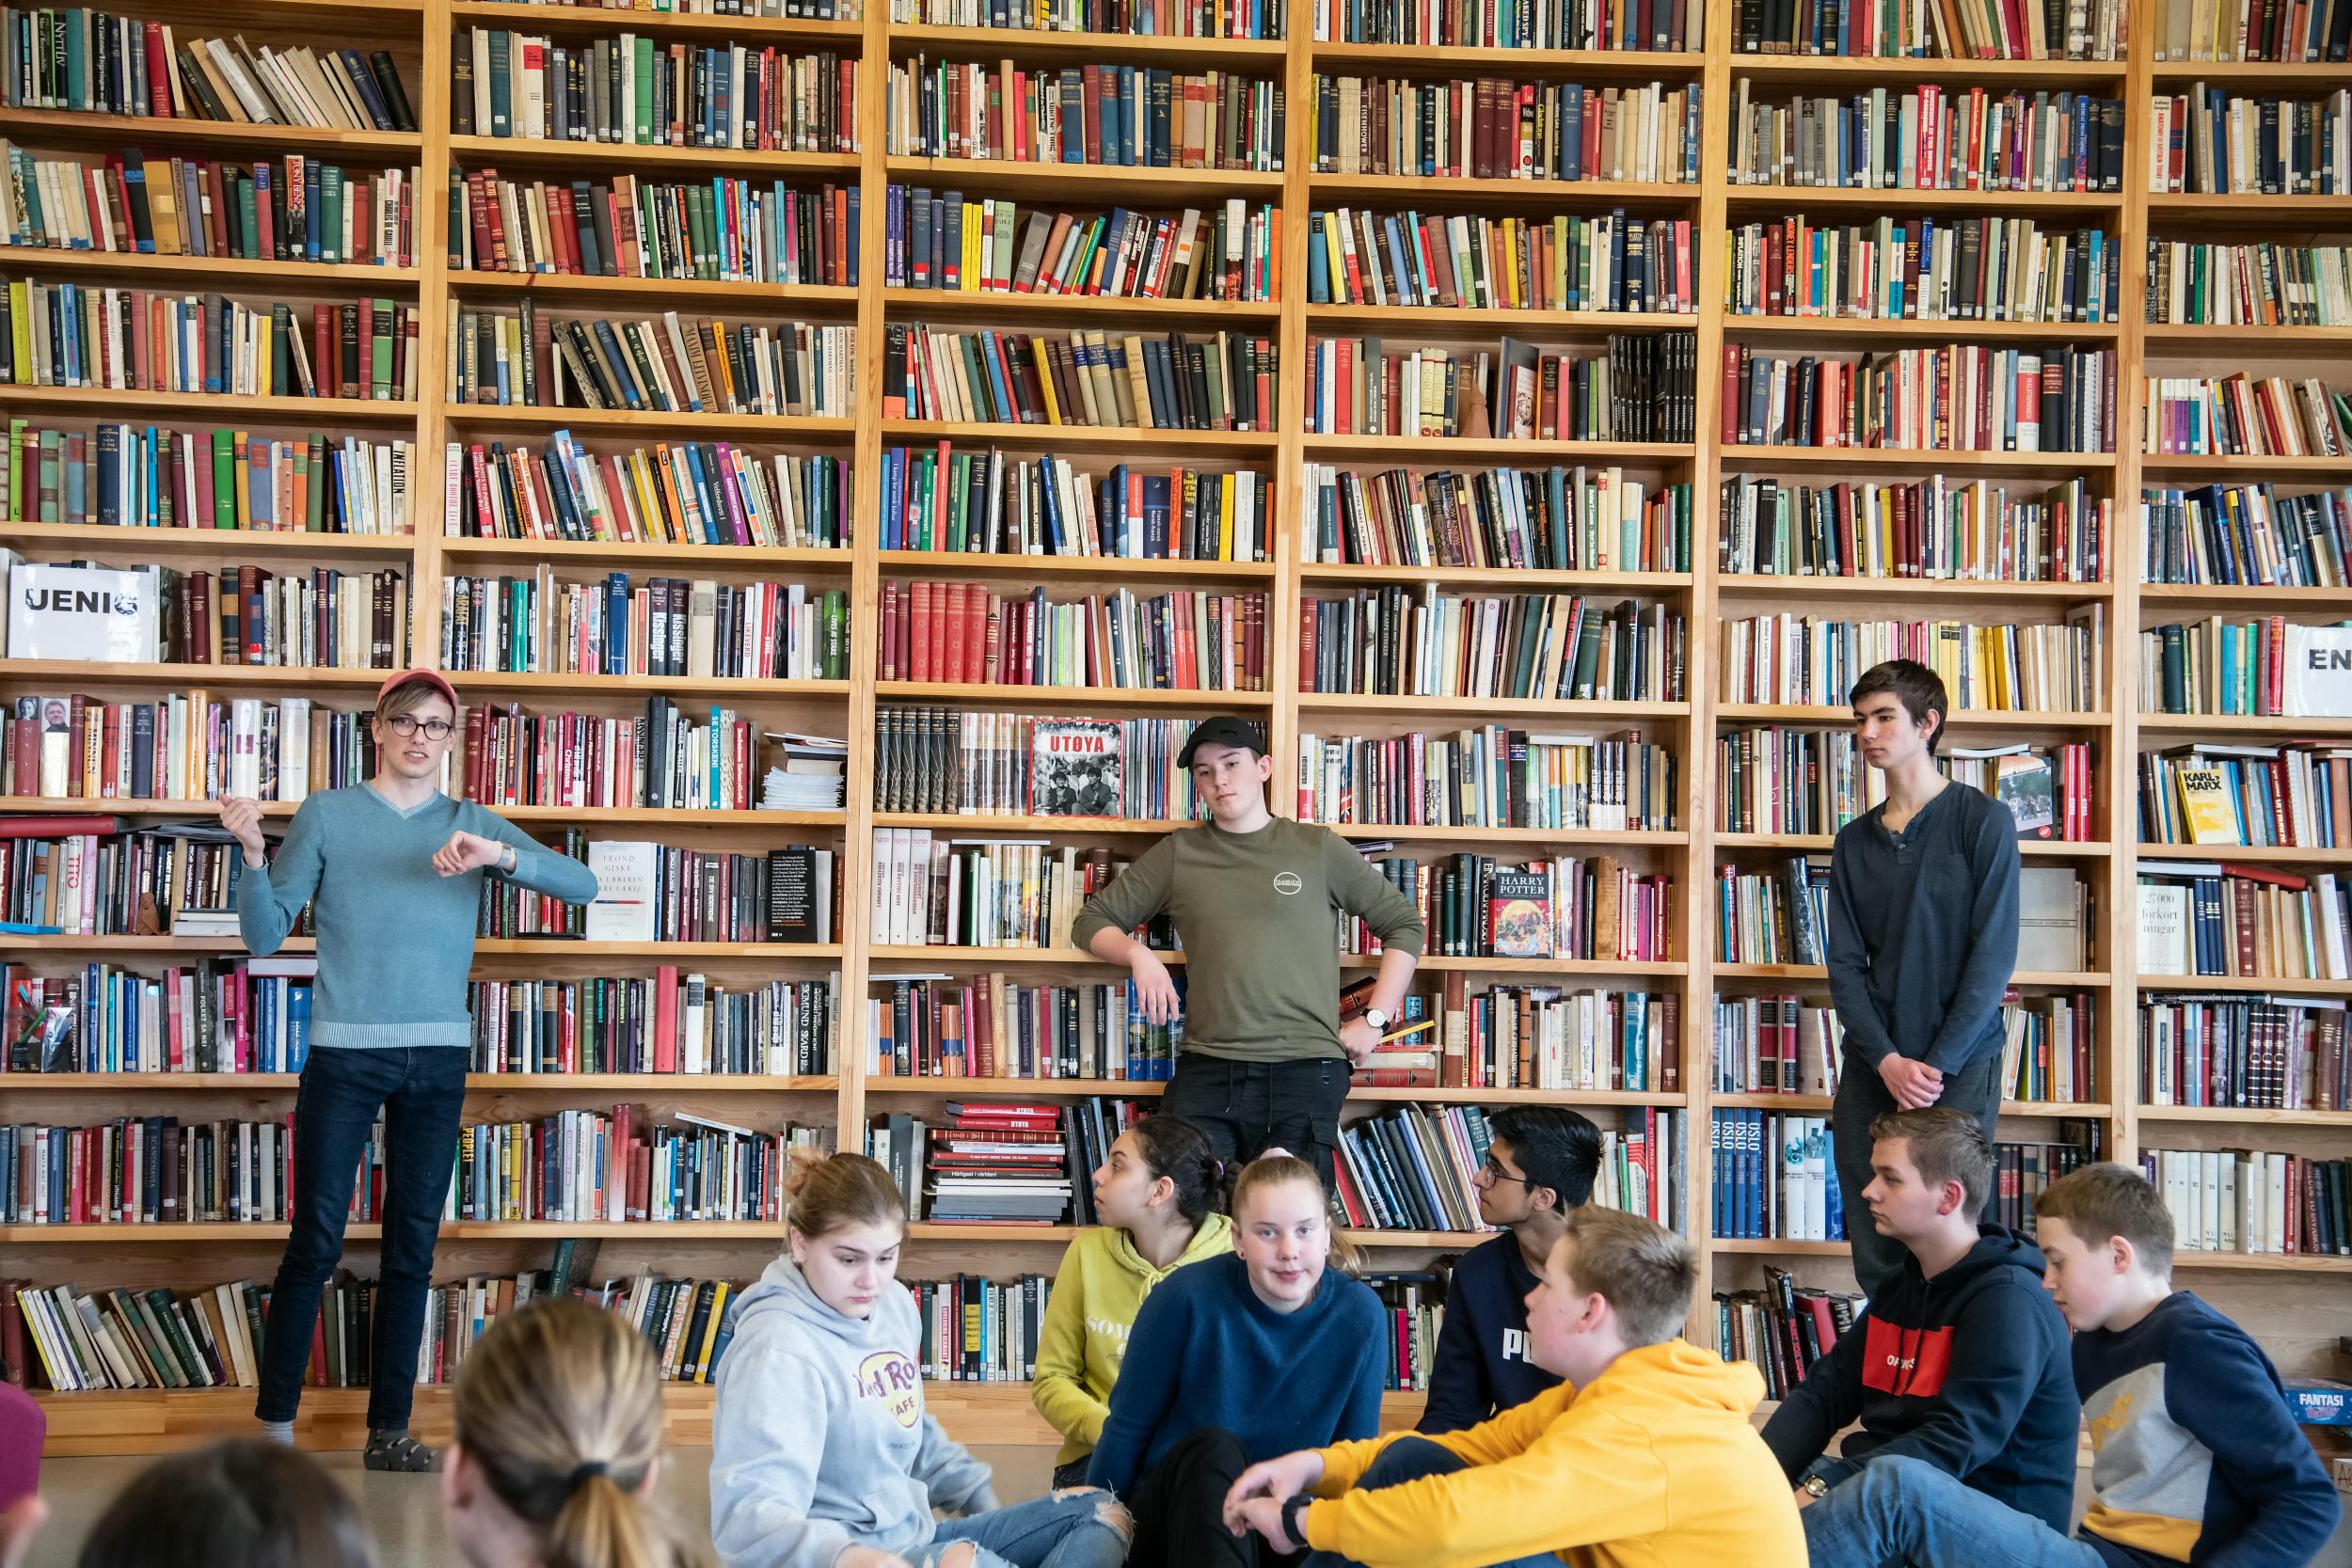 Læringsenteret på Utøya tar i mot elever og lærere fra hele landet til 3-dagers opphold med opplegg rundt 22. juli og demokratisk medborgerskap.